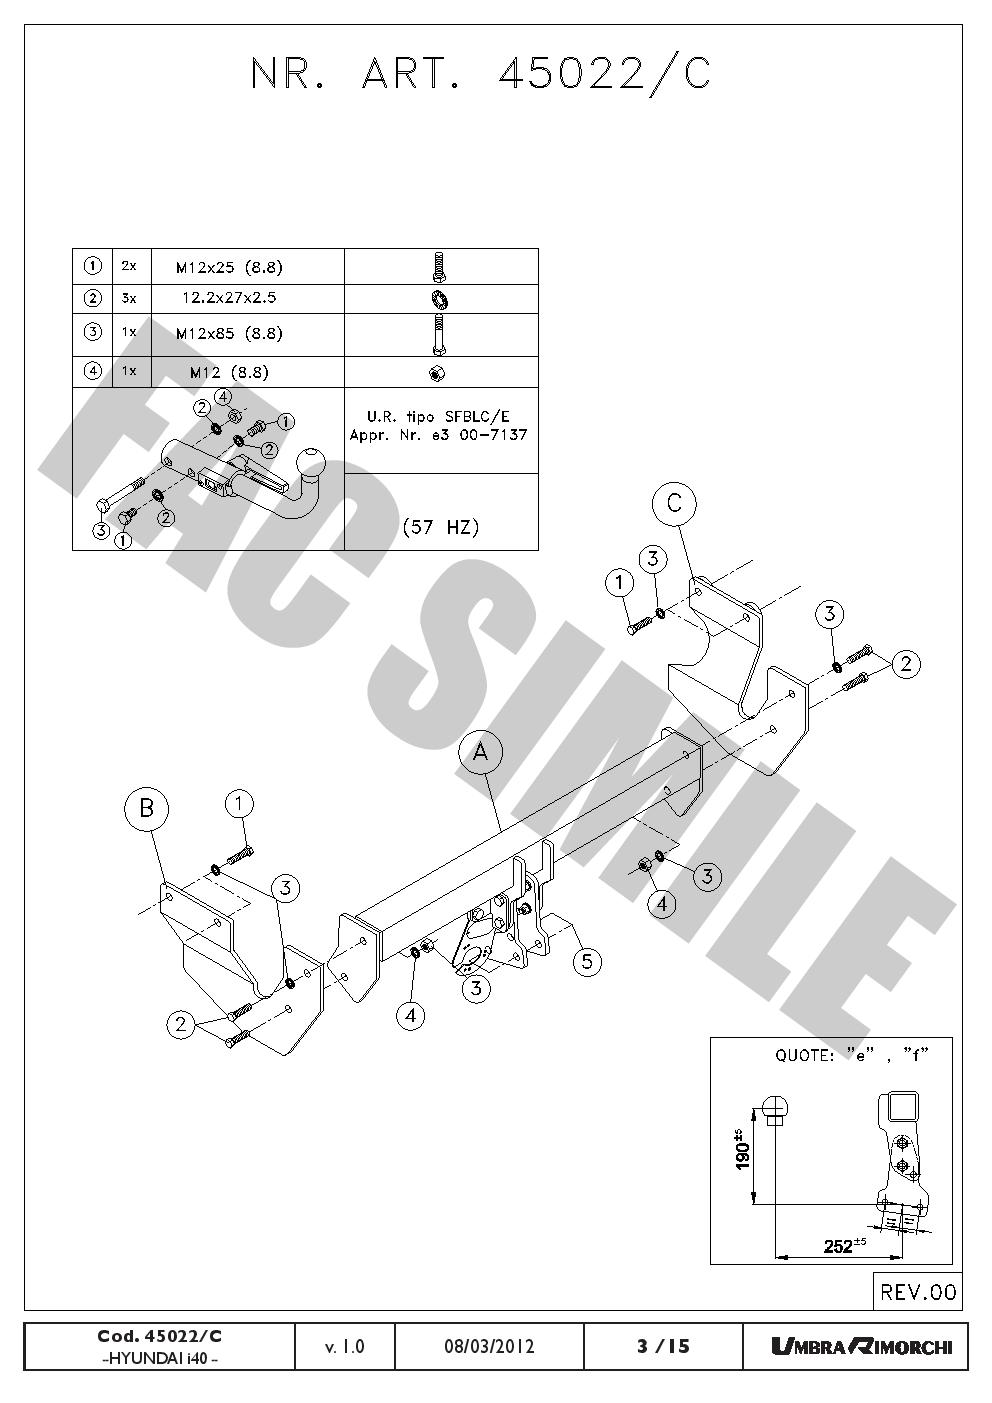 tow bar wiring kit 13 pin skoda